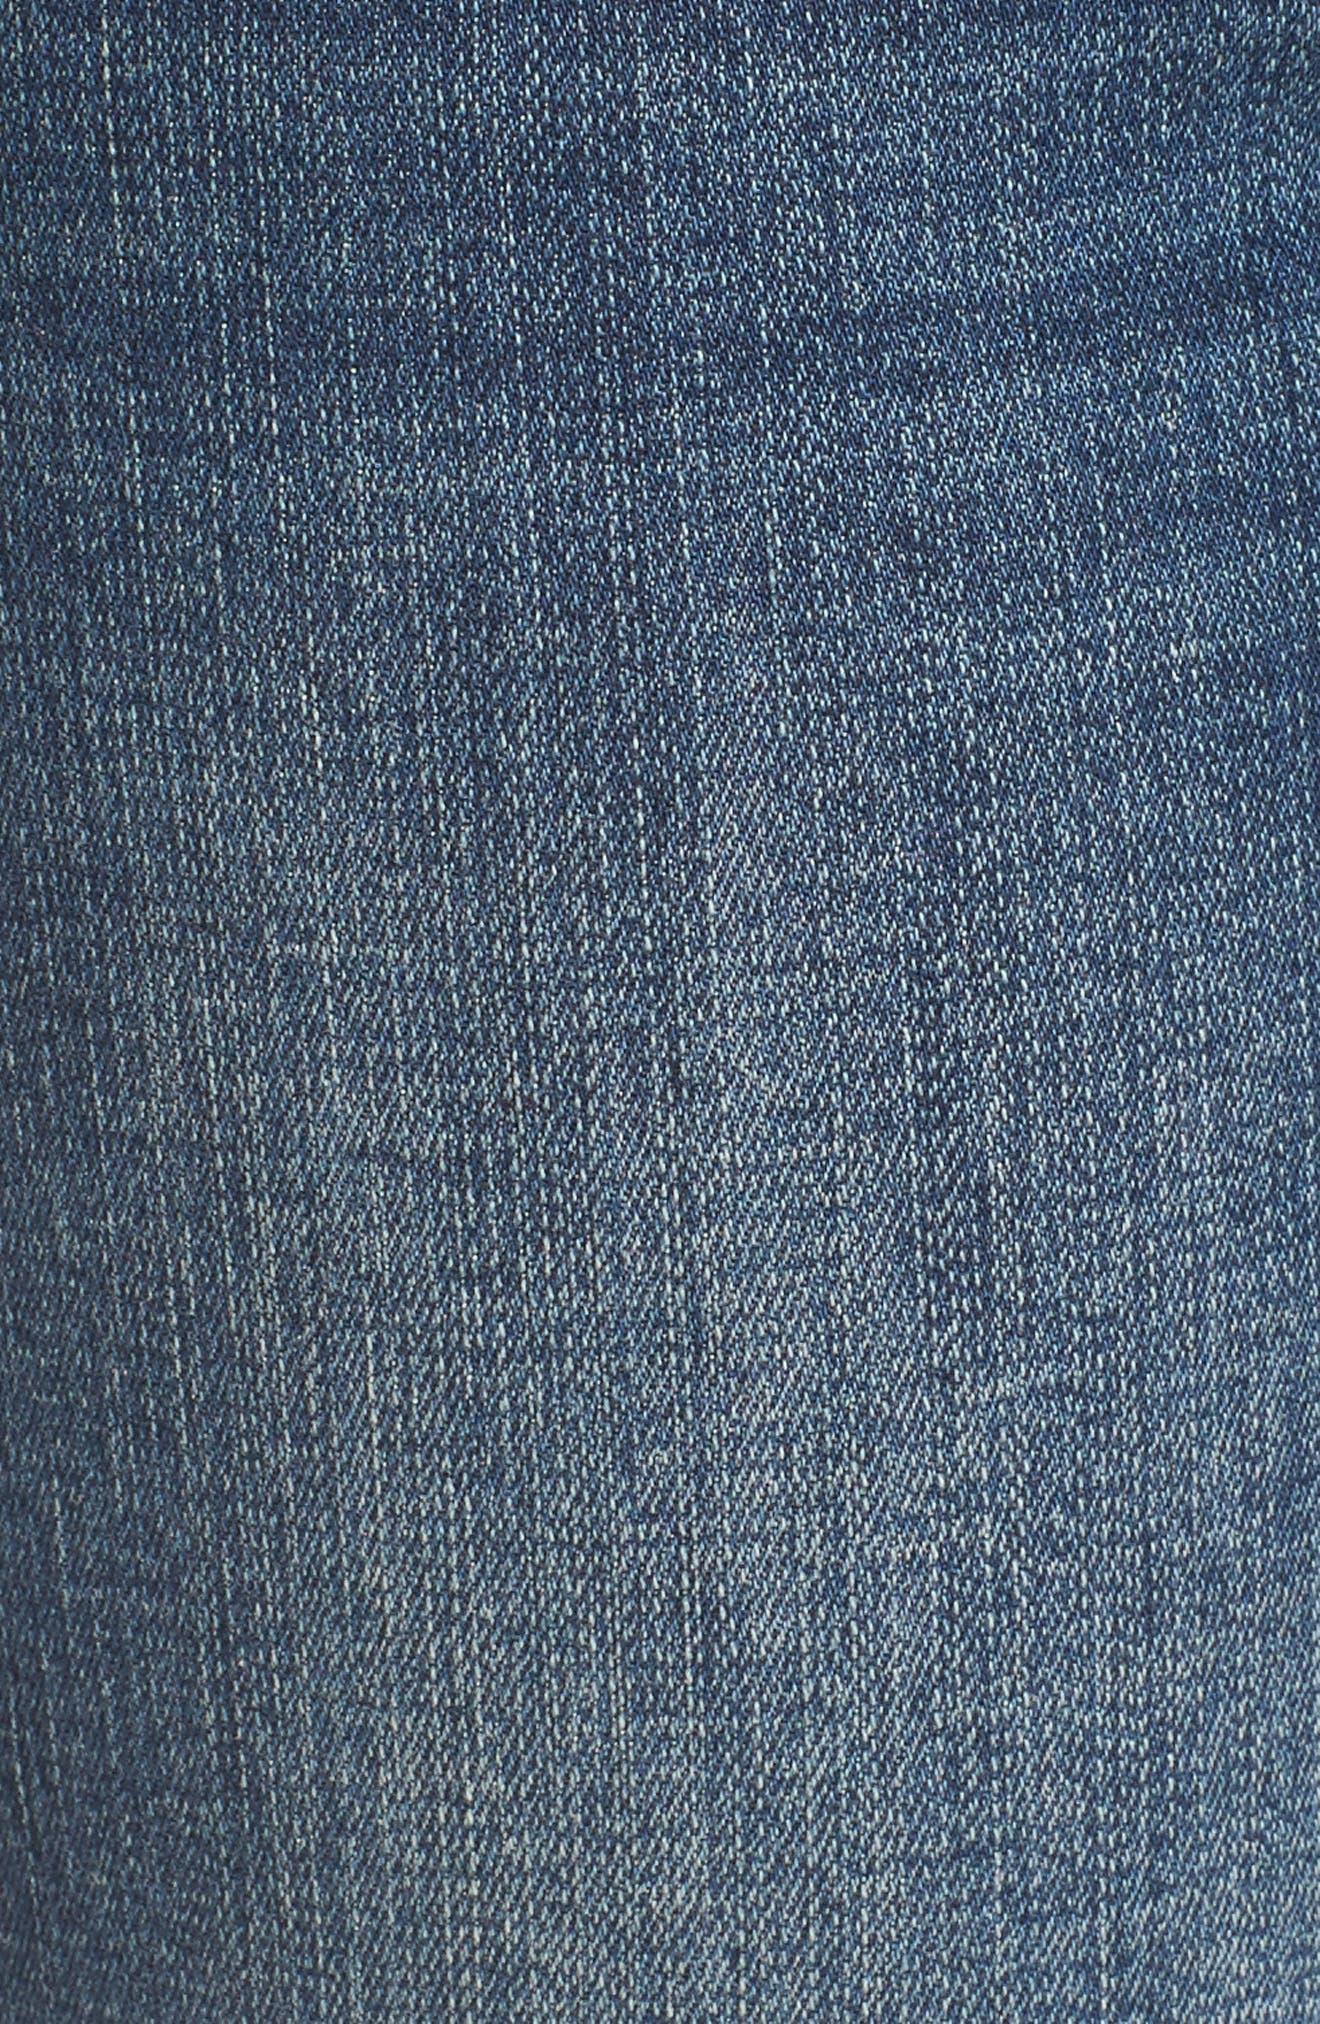 Flex-ellent Embroidered Boyfriend Jeans,                             Alternate thumbnail 5, color,                             420